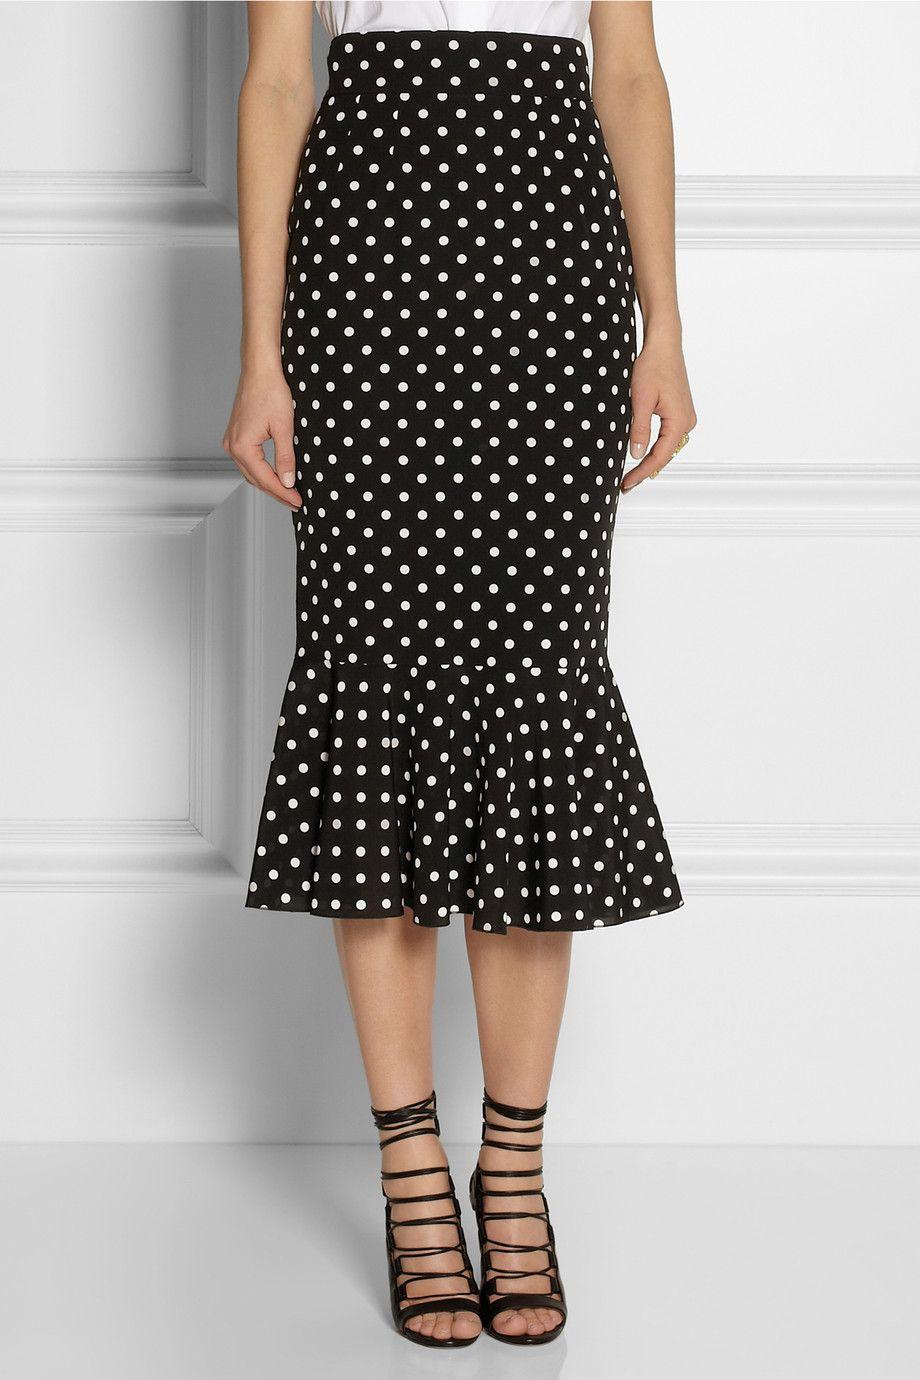 Dolce & Gabbana|Polka-dot stretch-silk pencil skirt